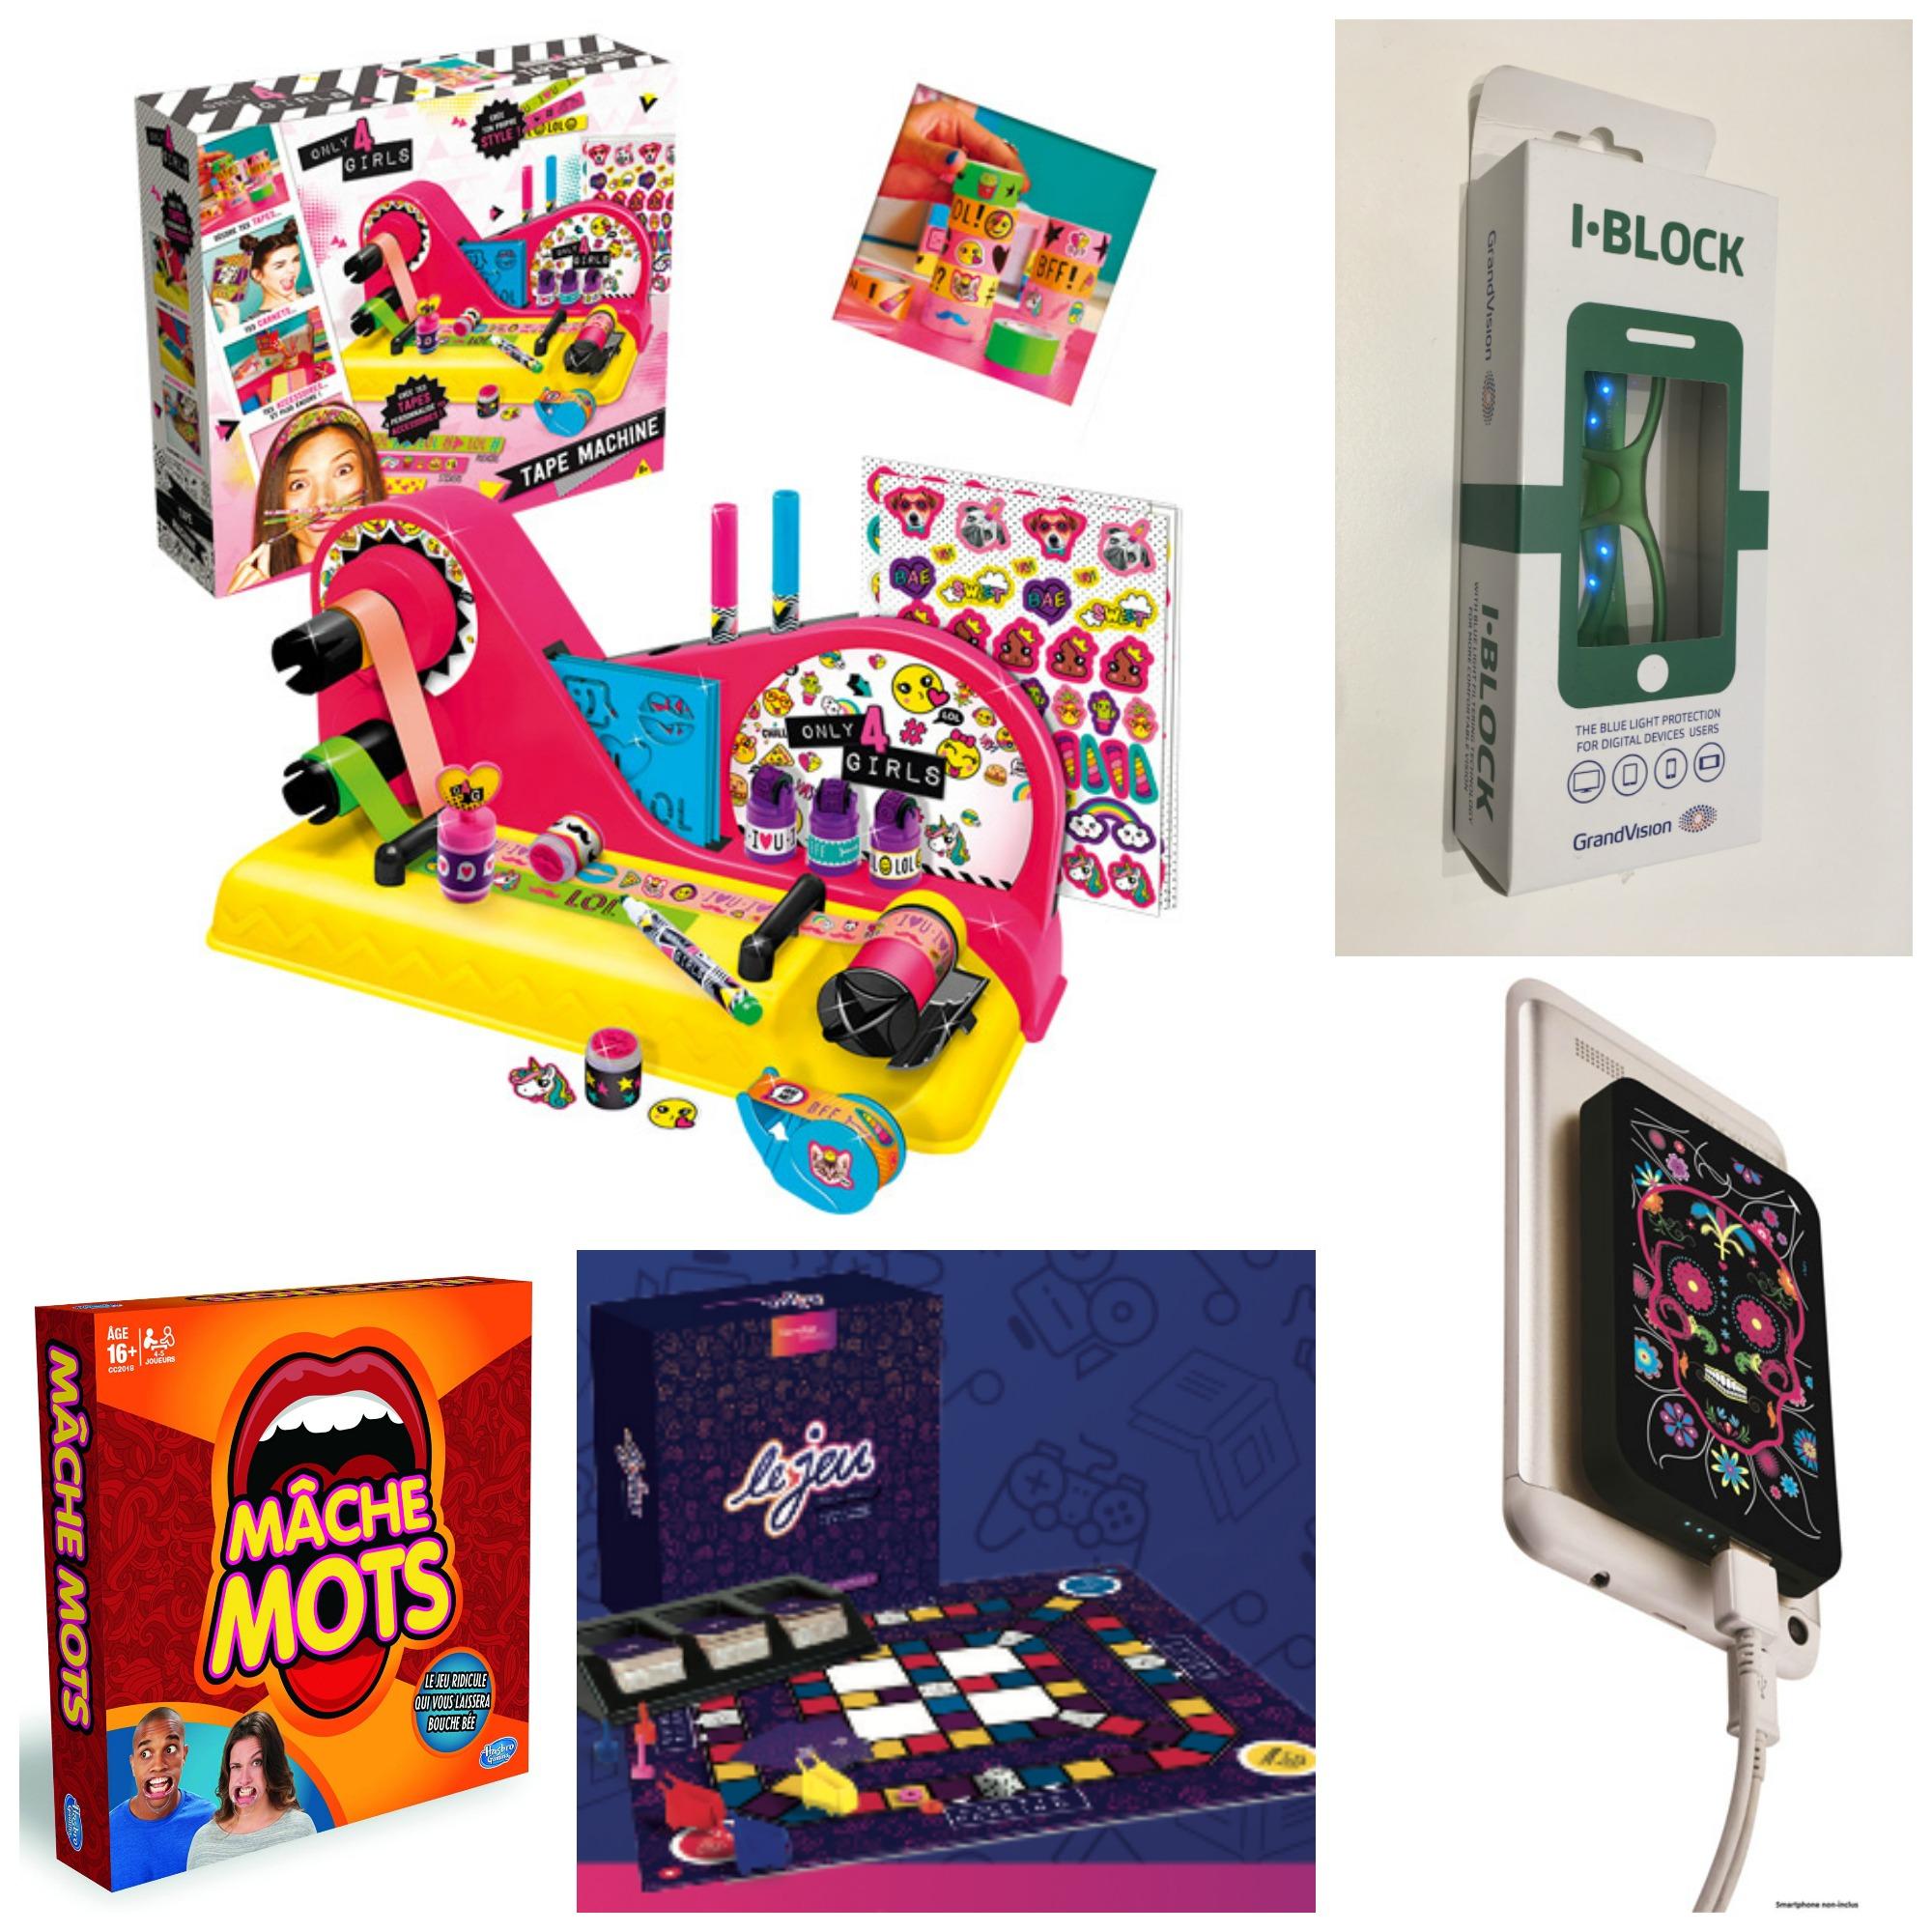 des id es de cadeaux pour une pr ado expressions d 39 enfants. Black Bedroom Furniture Sets. Home Design Ideas